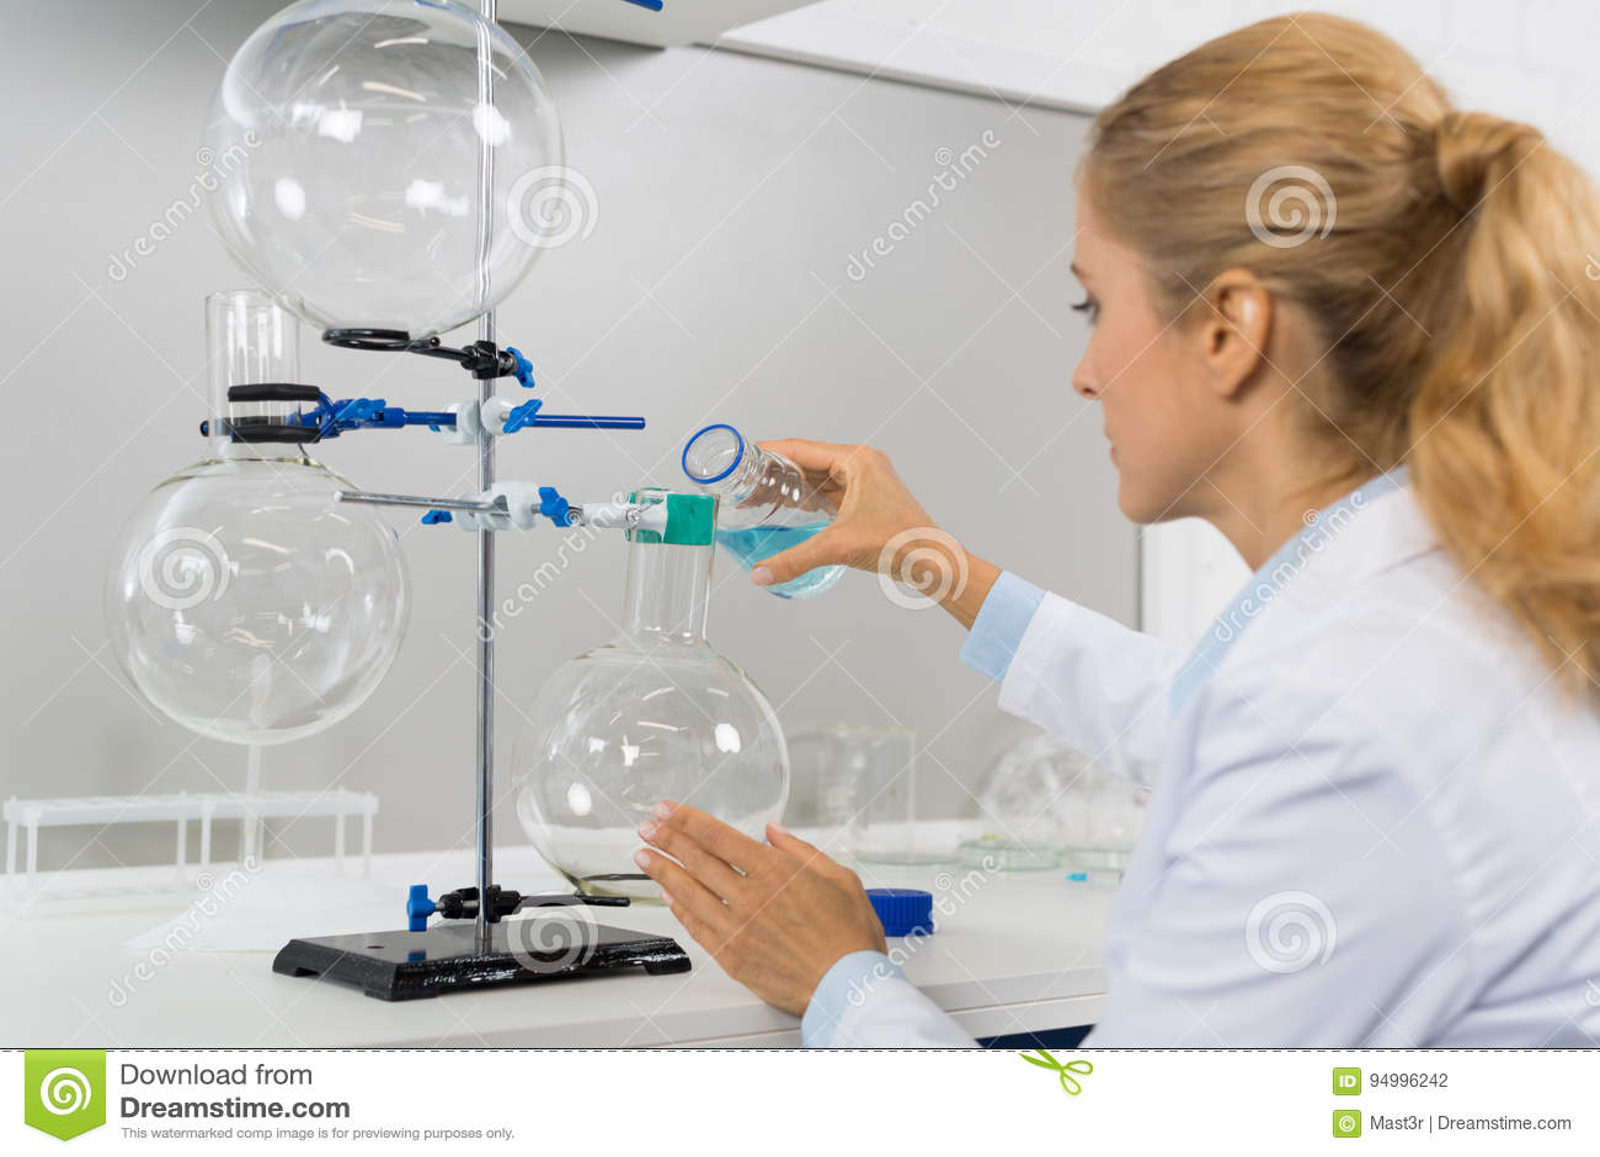 Científico de sexo femenino Working In Laboratory que hace la investigación, investigador Study Chemicals Experiments de la mujer